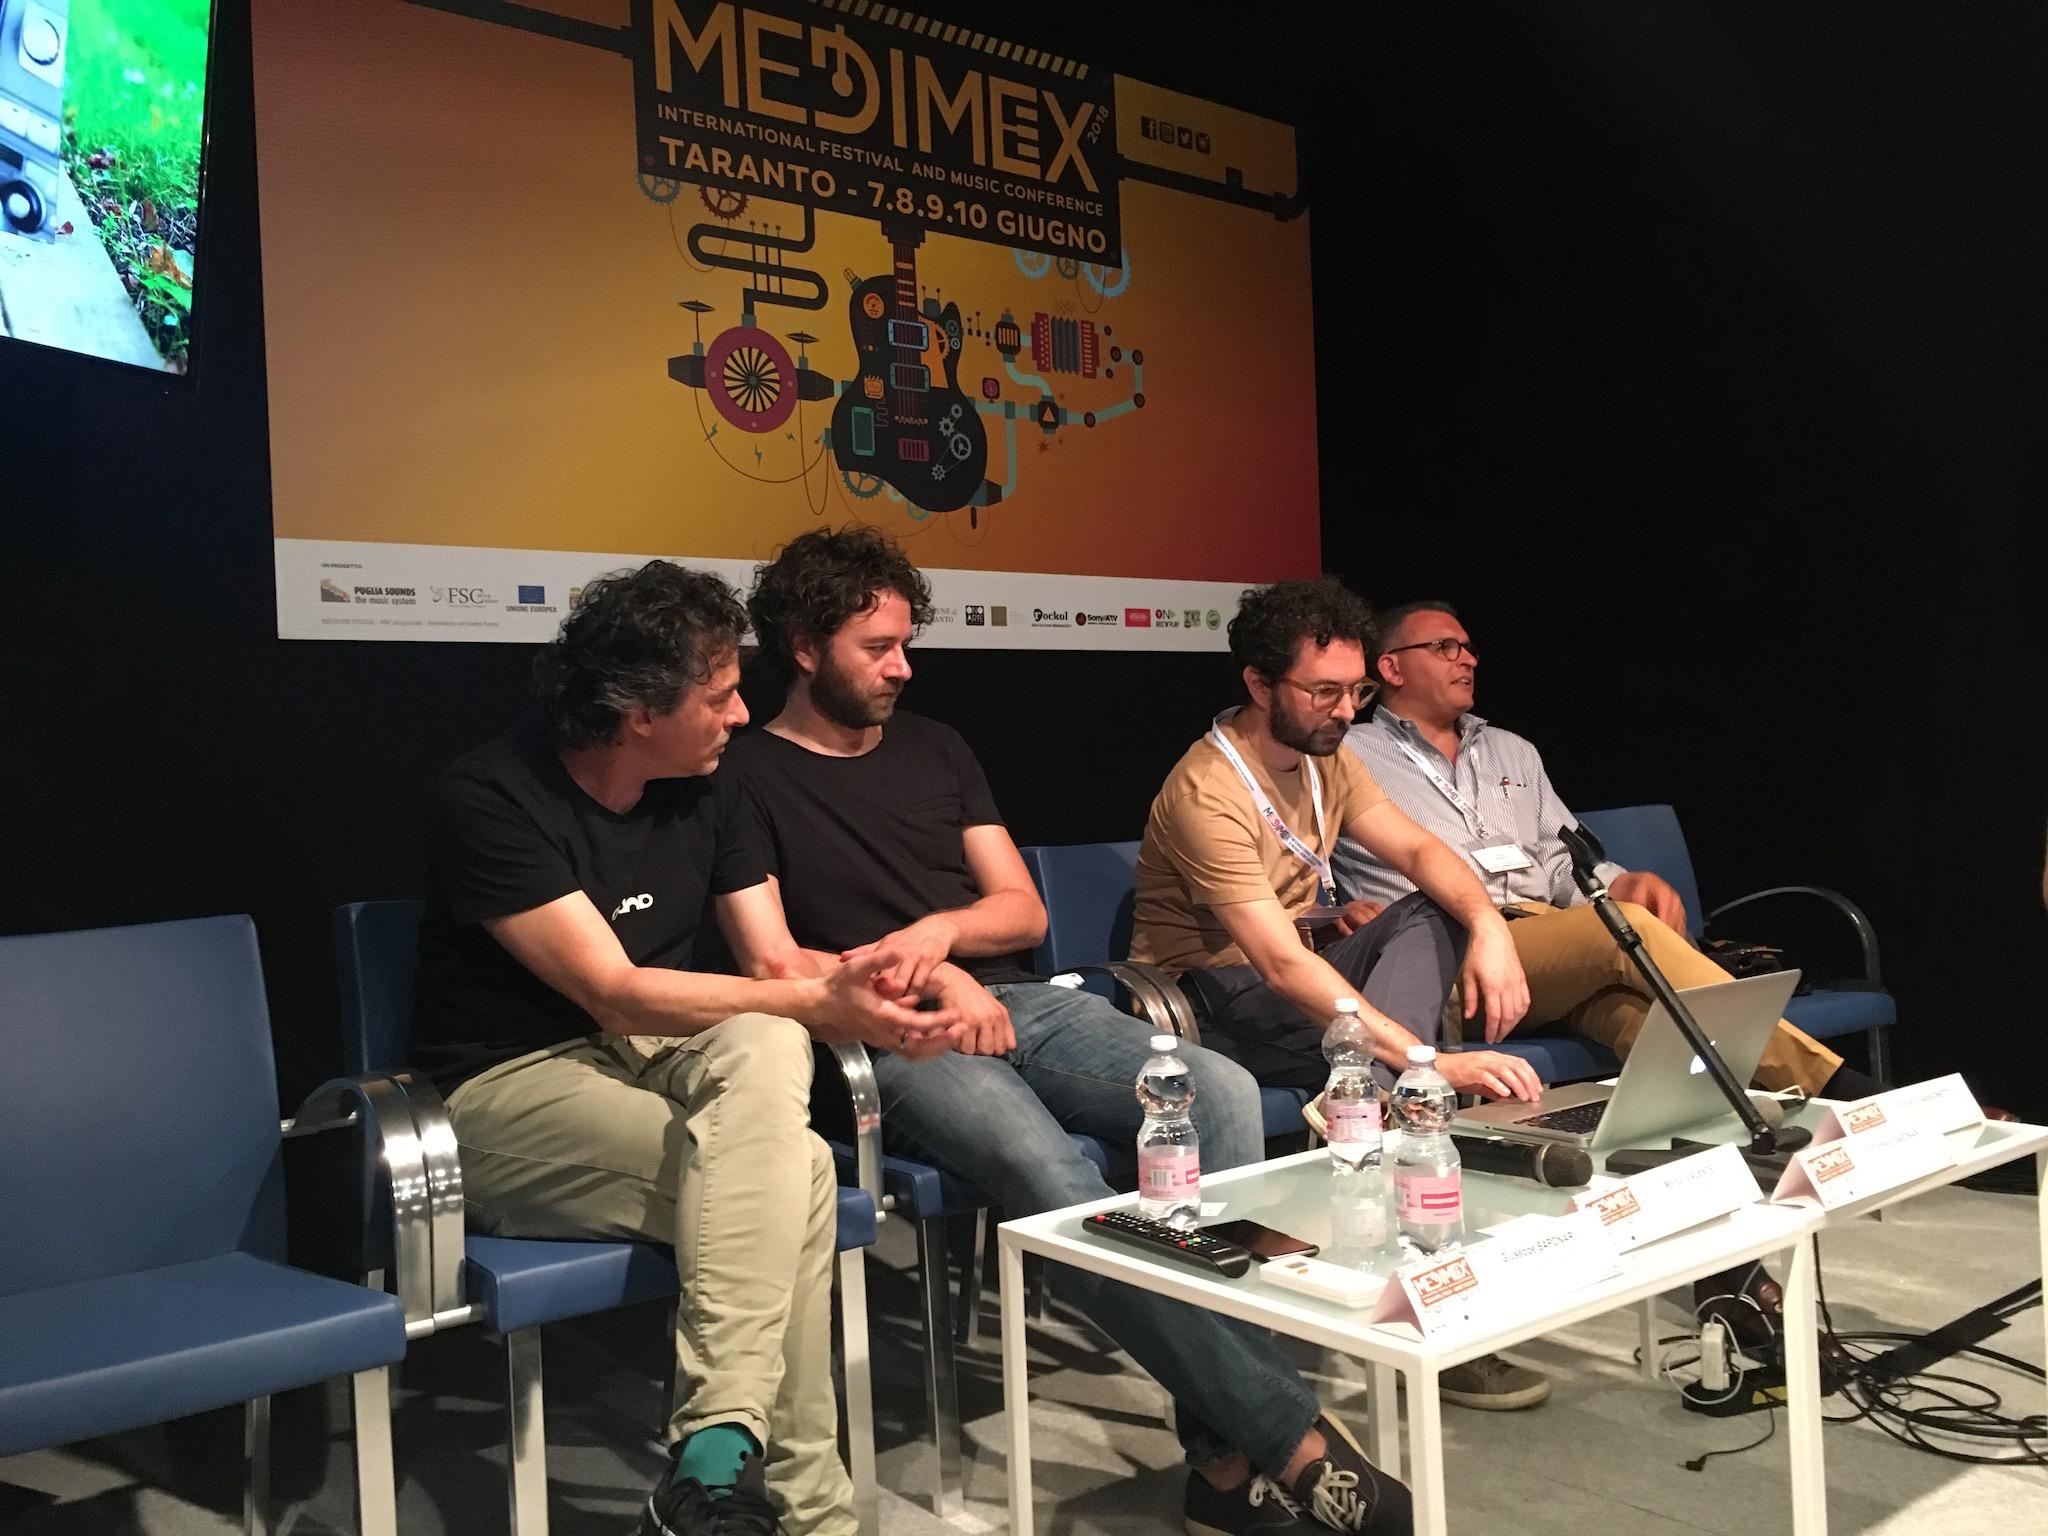 Bed&Rec si presenta al Medimex di Taranto